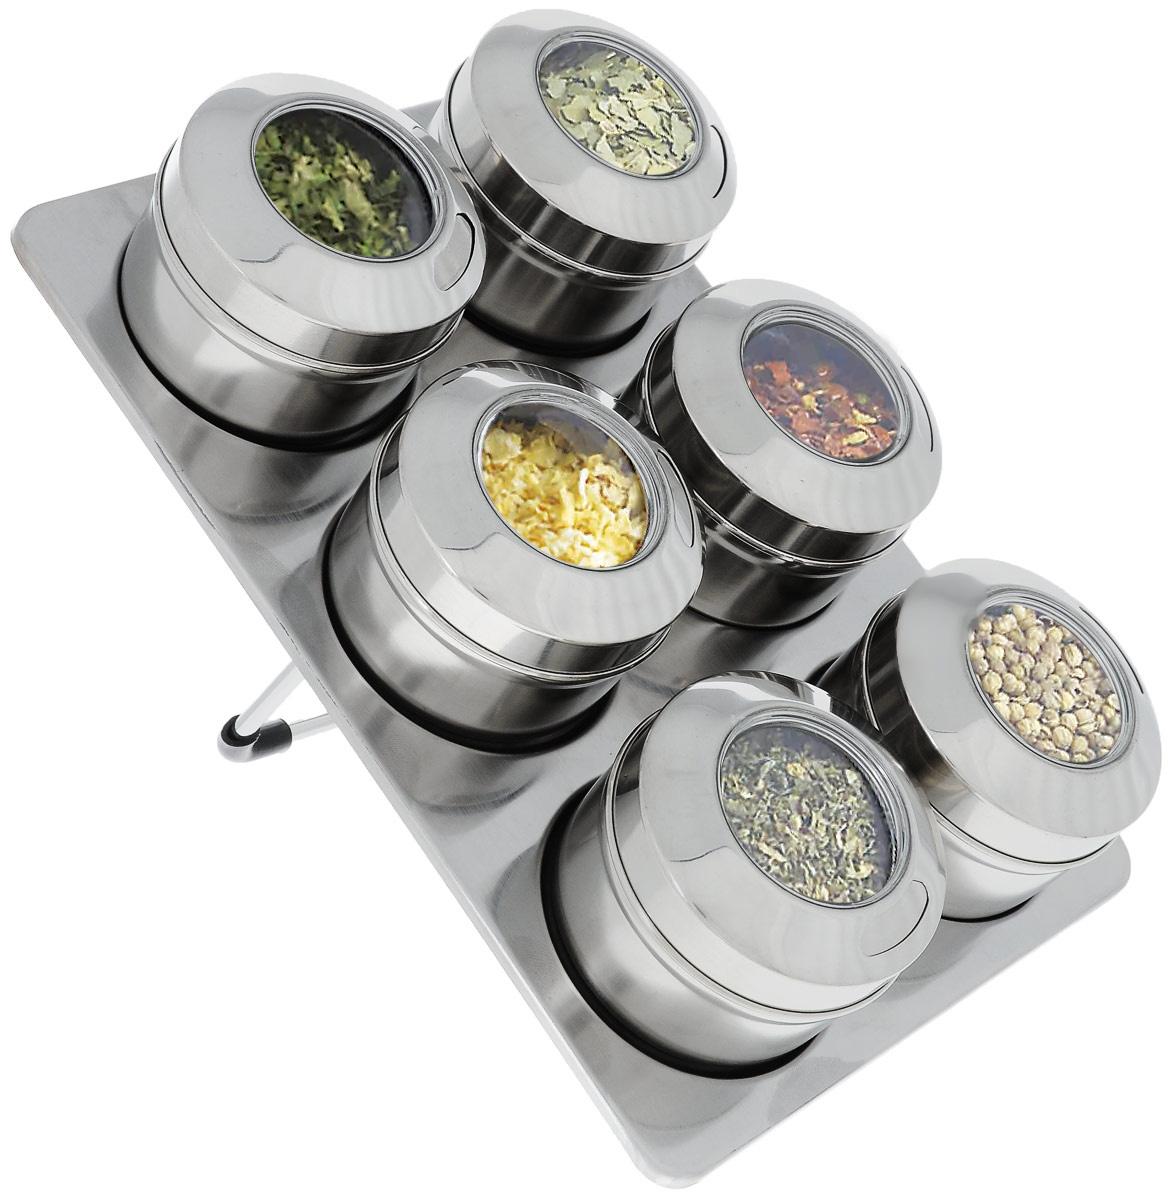 Набор для специй SinoGlass, на подставке, 7 предметовVT-1520(SR)Набор SinoGlass состоит из 6 емкостей, предназначенных для хранения наиболее часто используемых специй и приправ. Изделия выполнены из нержавеющей стали. Крышки оснащены прозрачными стеклянными окошками, благодаря которым видно, что внутри. Каждая баночка имеет два вида отверстий: большое отверстие, которое позволяет высыпать большое количество специй, и маленькие отверстия, чтобы немного приправить блюдо. Для набора предусмотрена магнитная подставка, которая устанавливается под наклоном. Сзади имеется ножка с резиновой вставкой. Такой набор стильно дополнит интерьер кухни и станет незаменимым помощником в приготовлении ваших любимых блюд.Высота емкости (с крышкой): 4,5 см. Диаметр емкости (по верхнему краю): 6,2 см. Размер подставки: 15,5 х 23 см.